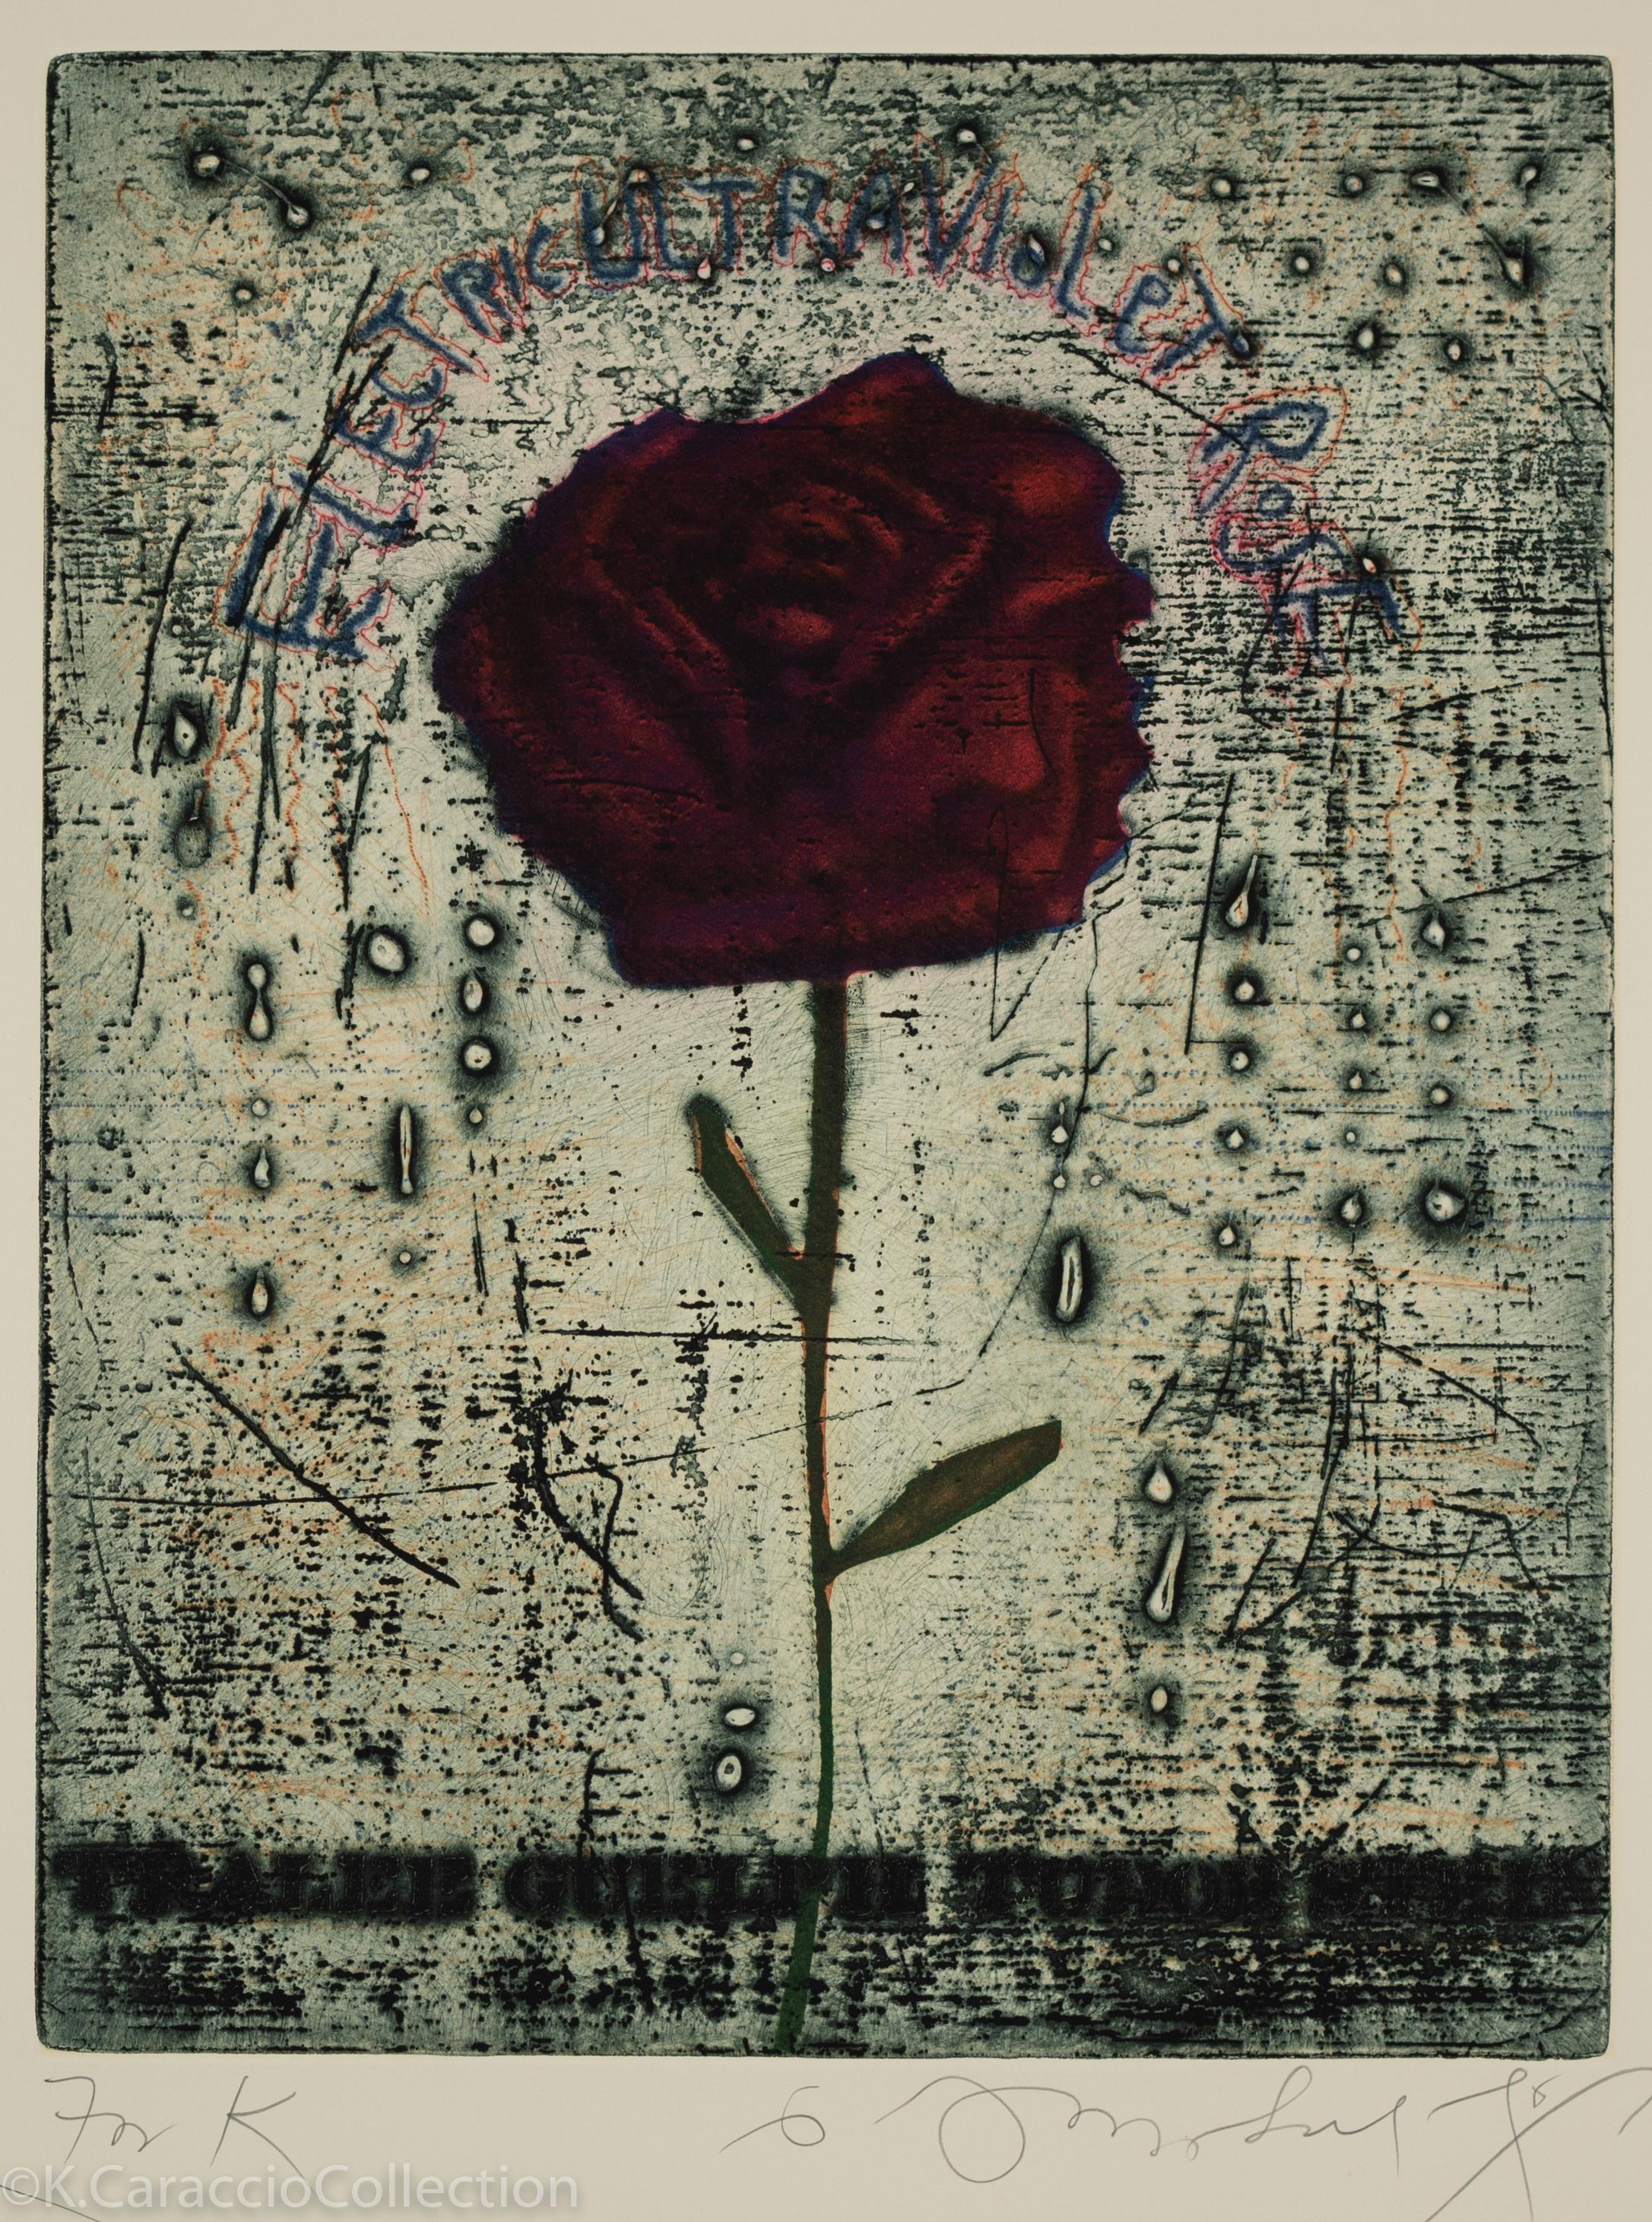 Electroviolet - Rose, 1975